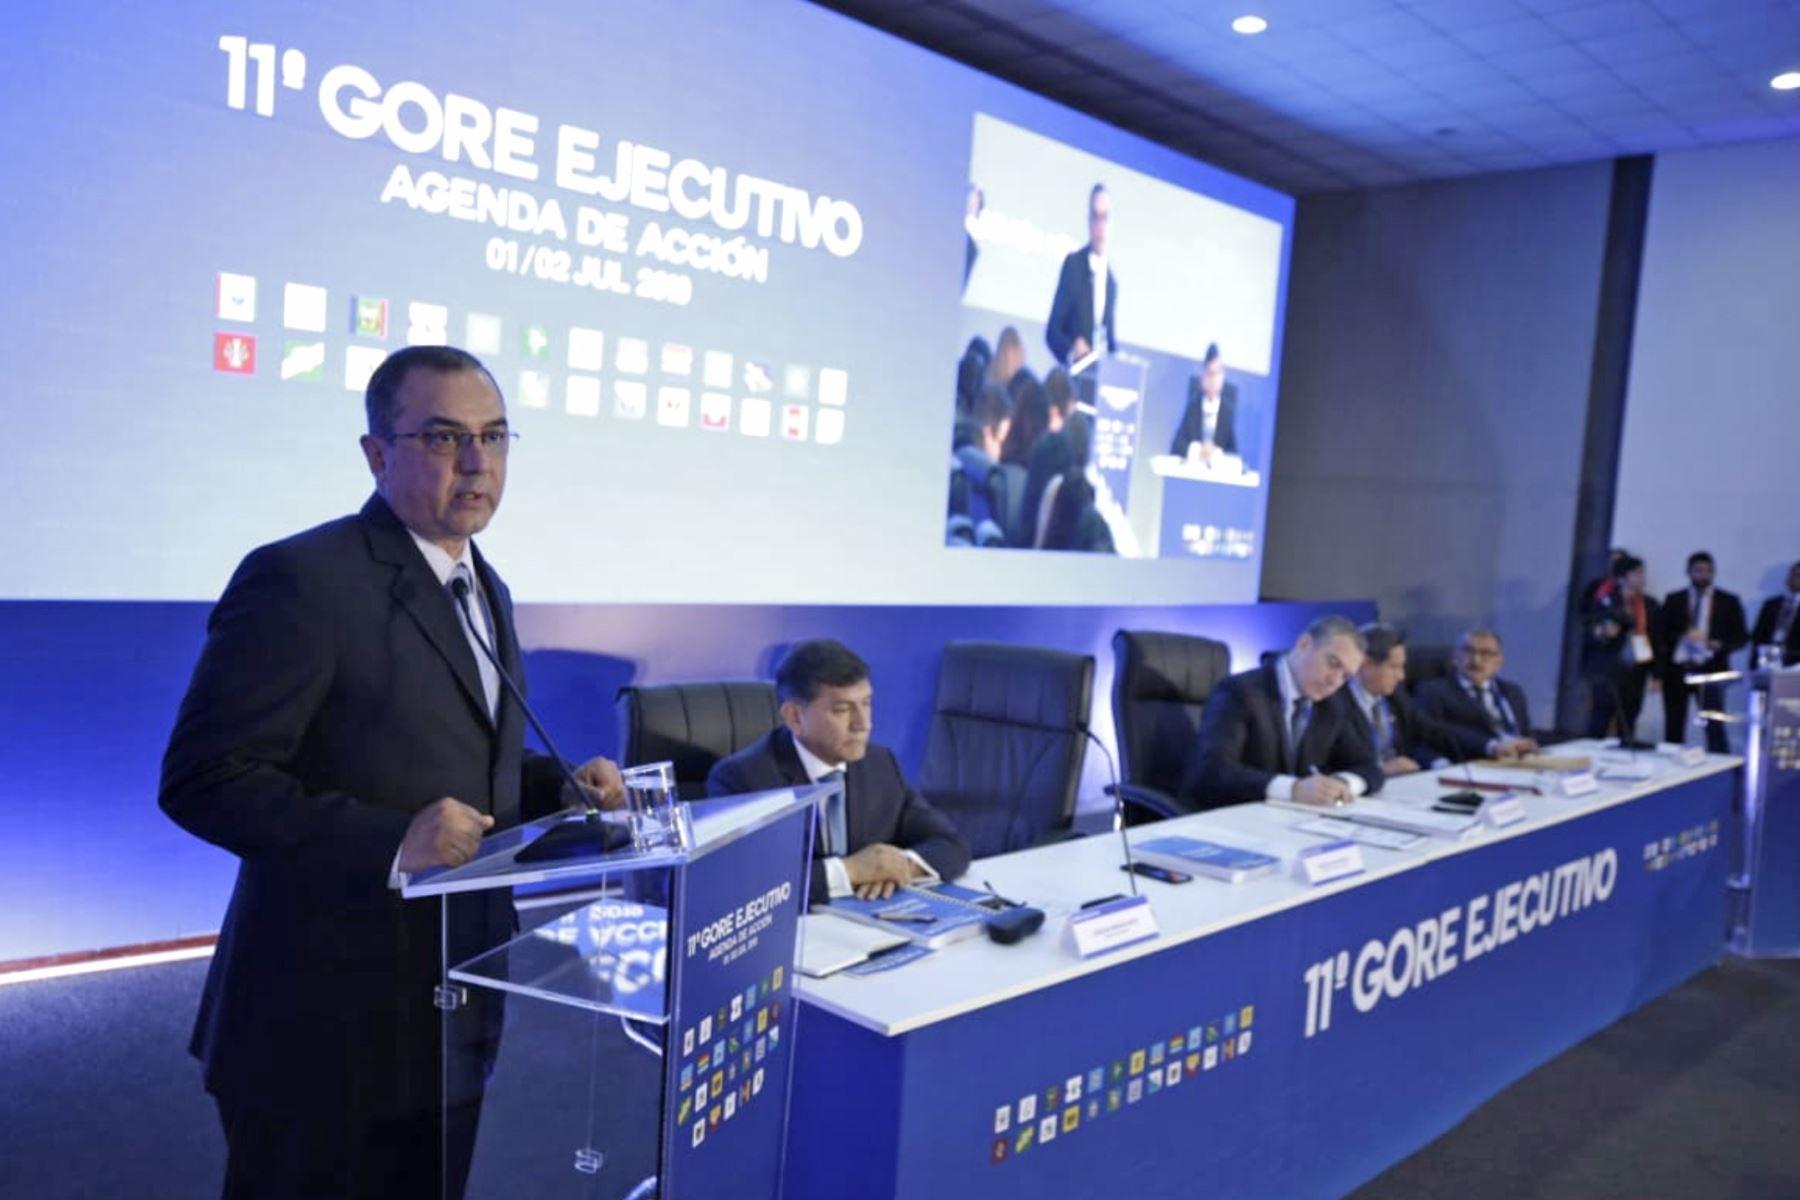 Ministro de Economía y Finanzas, Carlos Oliva, participa en 11° GORE Ejecutivo donde presenta los avances en ejecución presupuestal .Foto: ANDINA/Difusión